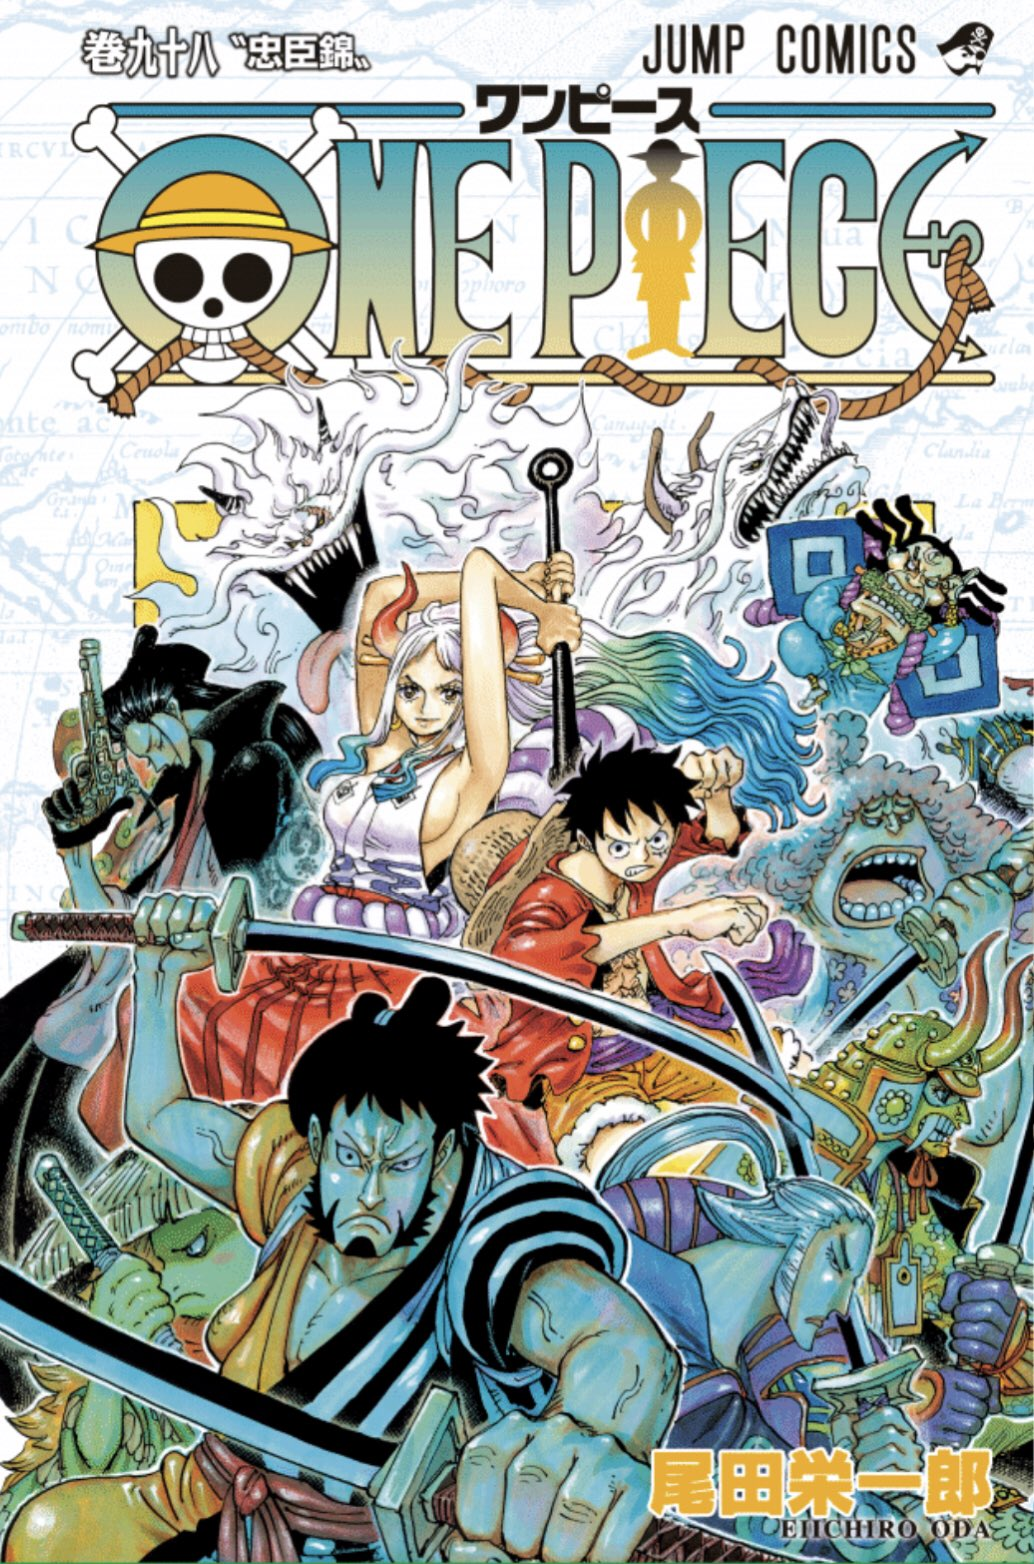 「ONE PIECE」最新コミックス98巻表紙カバー公開!制作動画で描かれてたカッコ良すぎる赤鞘たちが完成